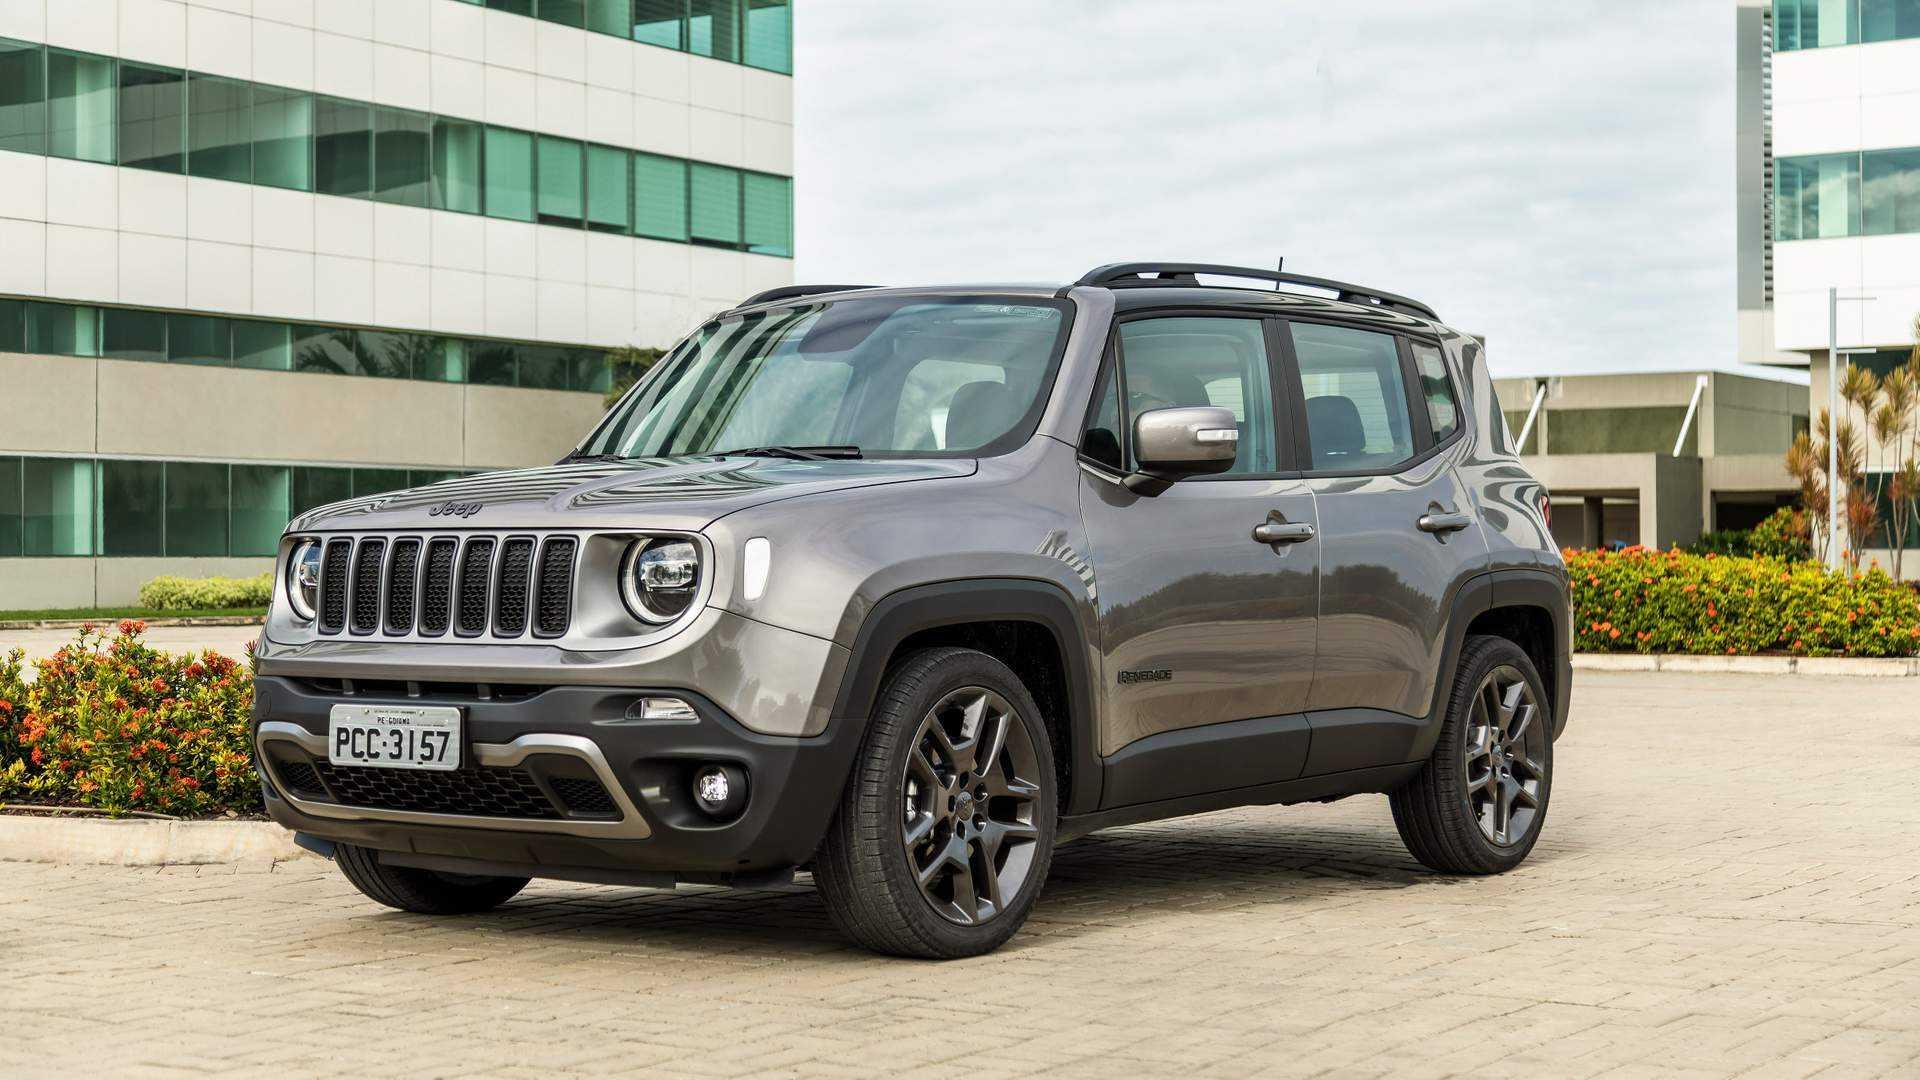 Primeiras impressões Jeep Renegade 2019: Por trás dos ...